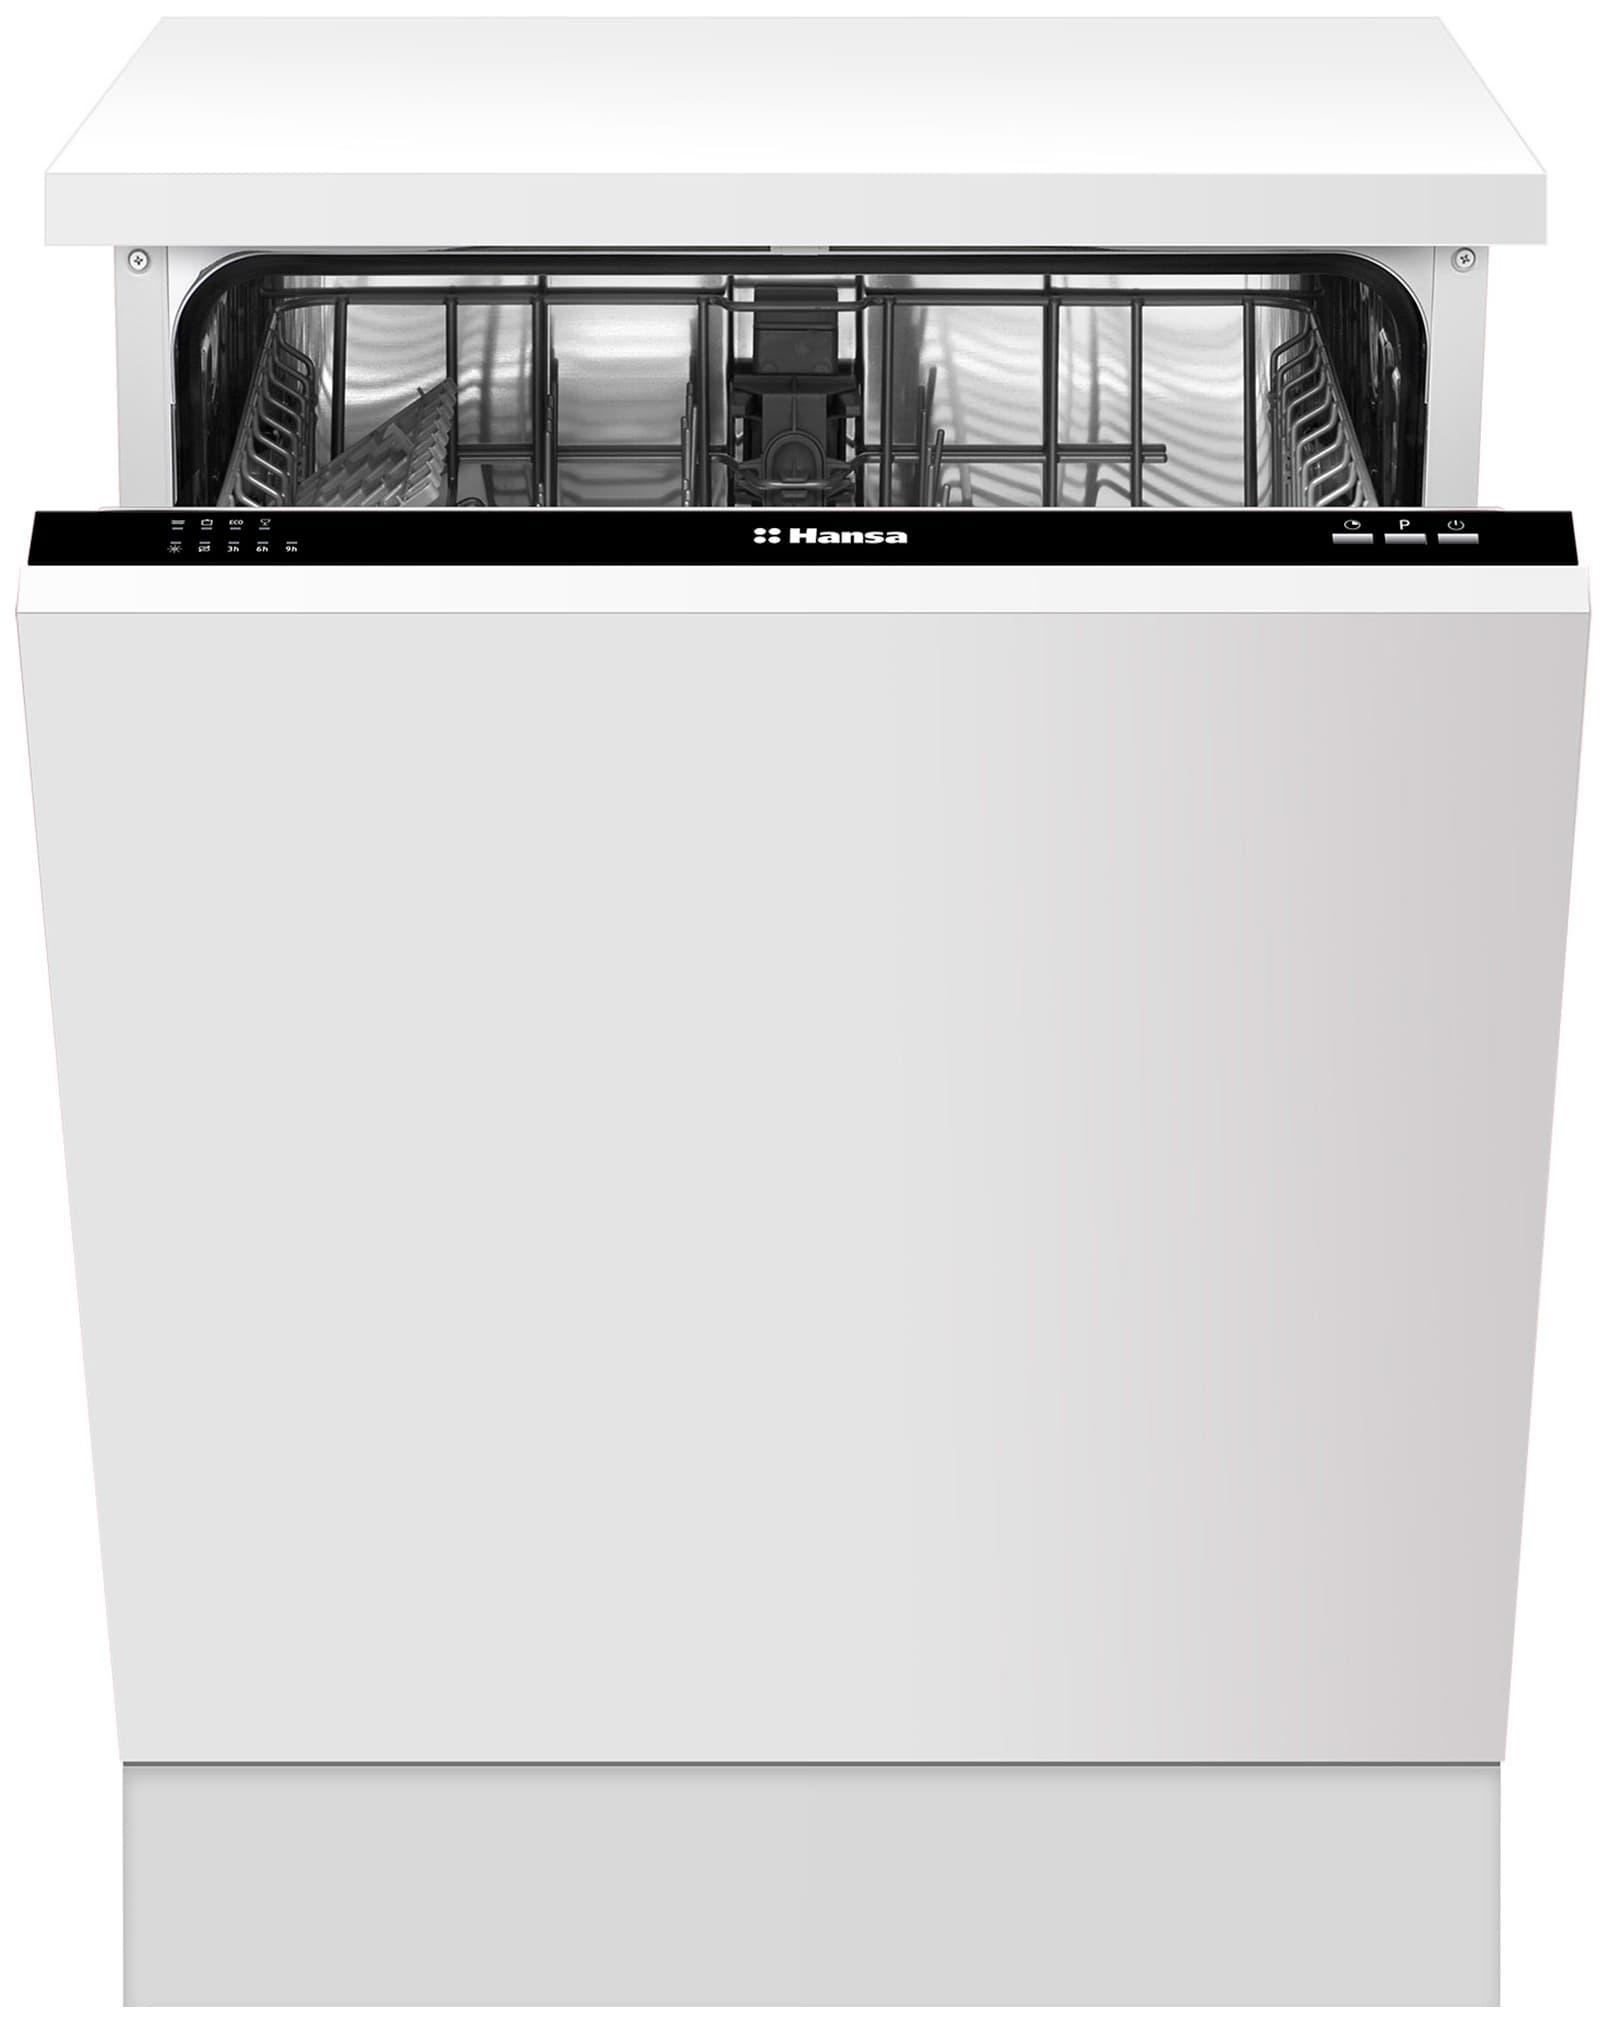 Полновстраиваемая узкая посудомоечная машина hansa zim476h с таймером отсрочки запуска